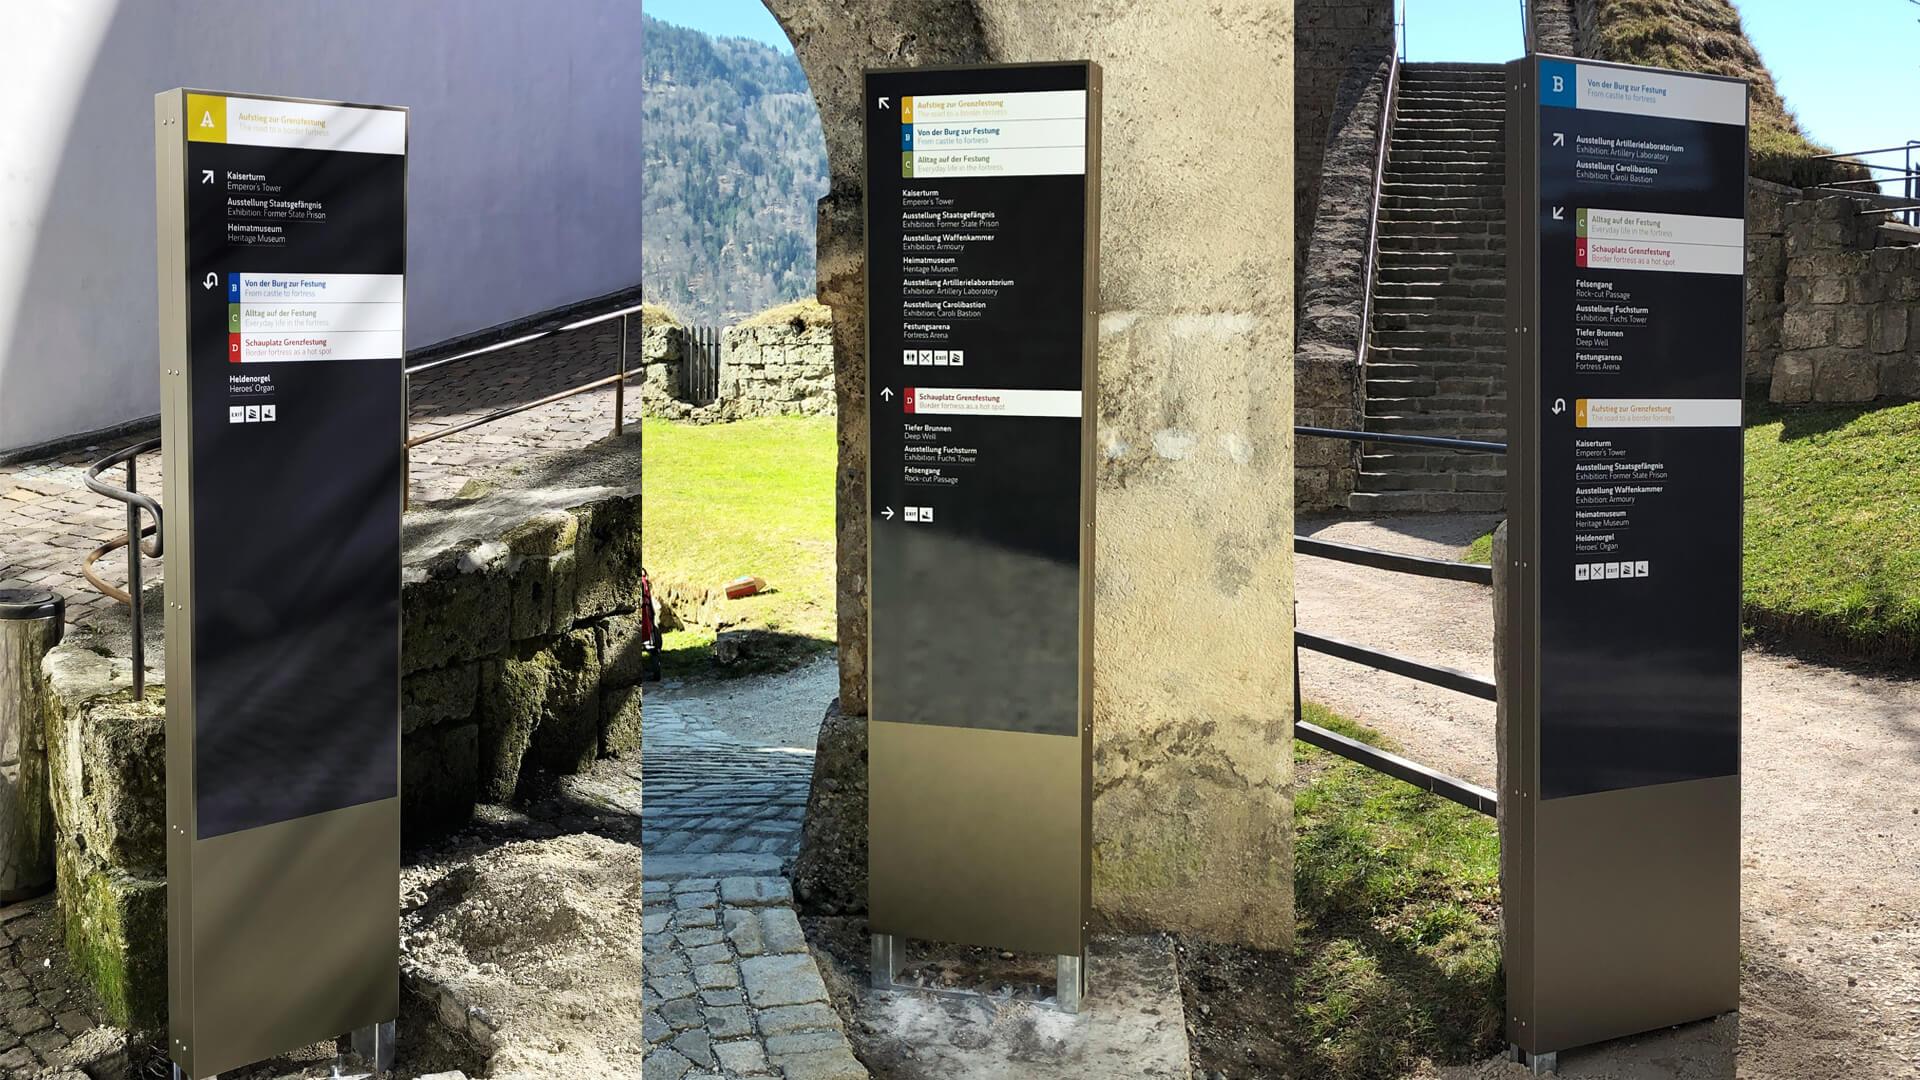 Informations-und-Leitsystem-Festung-Kufstein_03